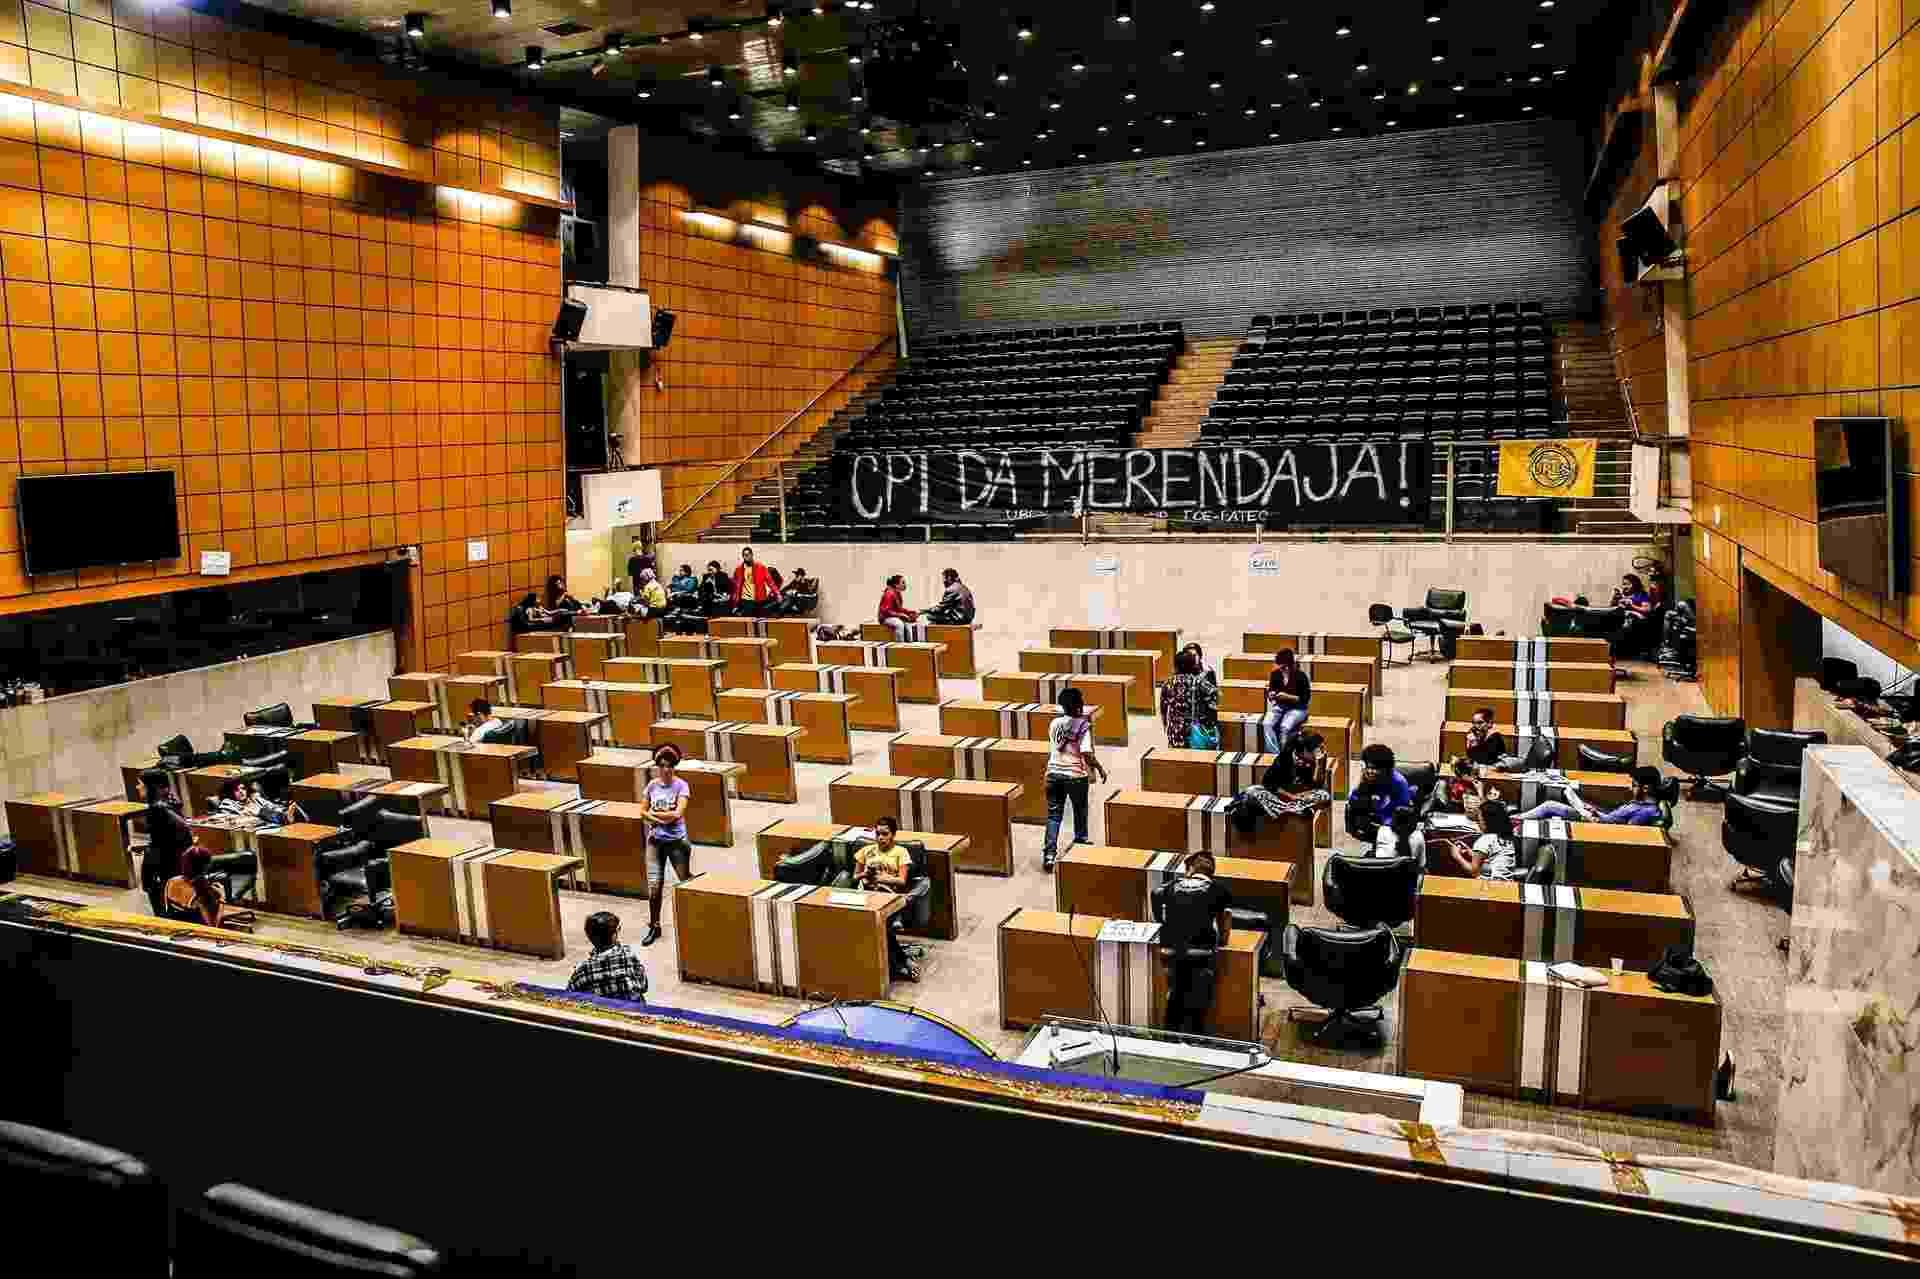 4.mai.2016 - Estudantes secundaristas permanecem acampados no plenário da Alesp (Assembleia Legislativa de São Paulo) como protesto pela criação da CPI da Merenda e contra o fechamento de salas de aula da rede estadual - Lucas Lima/UOL